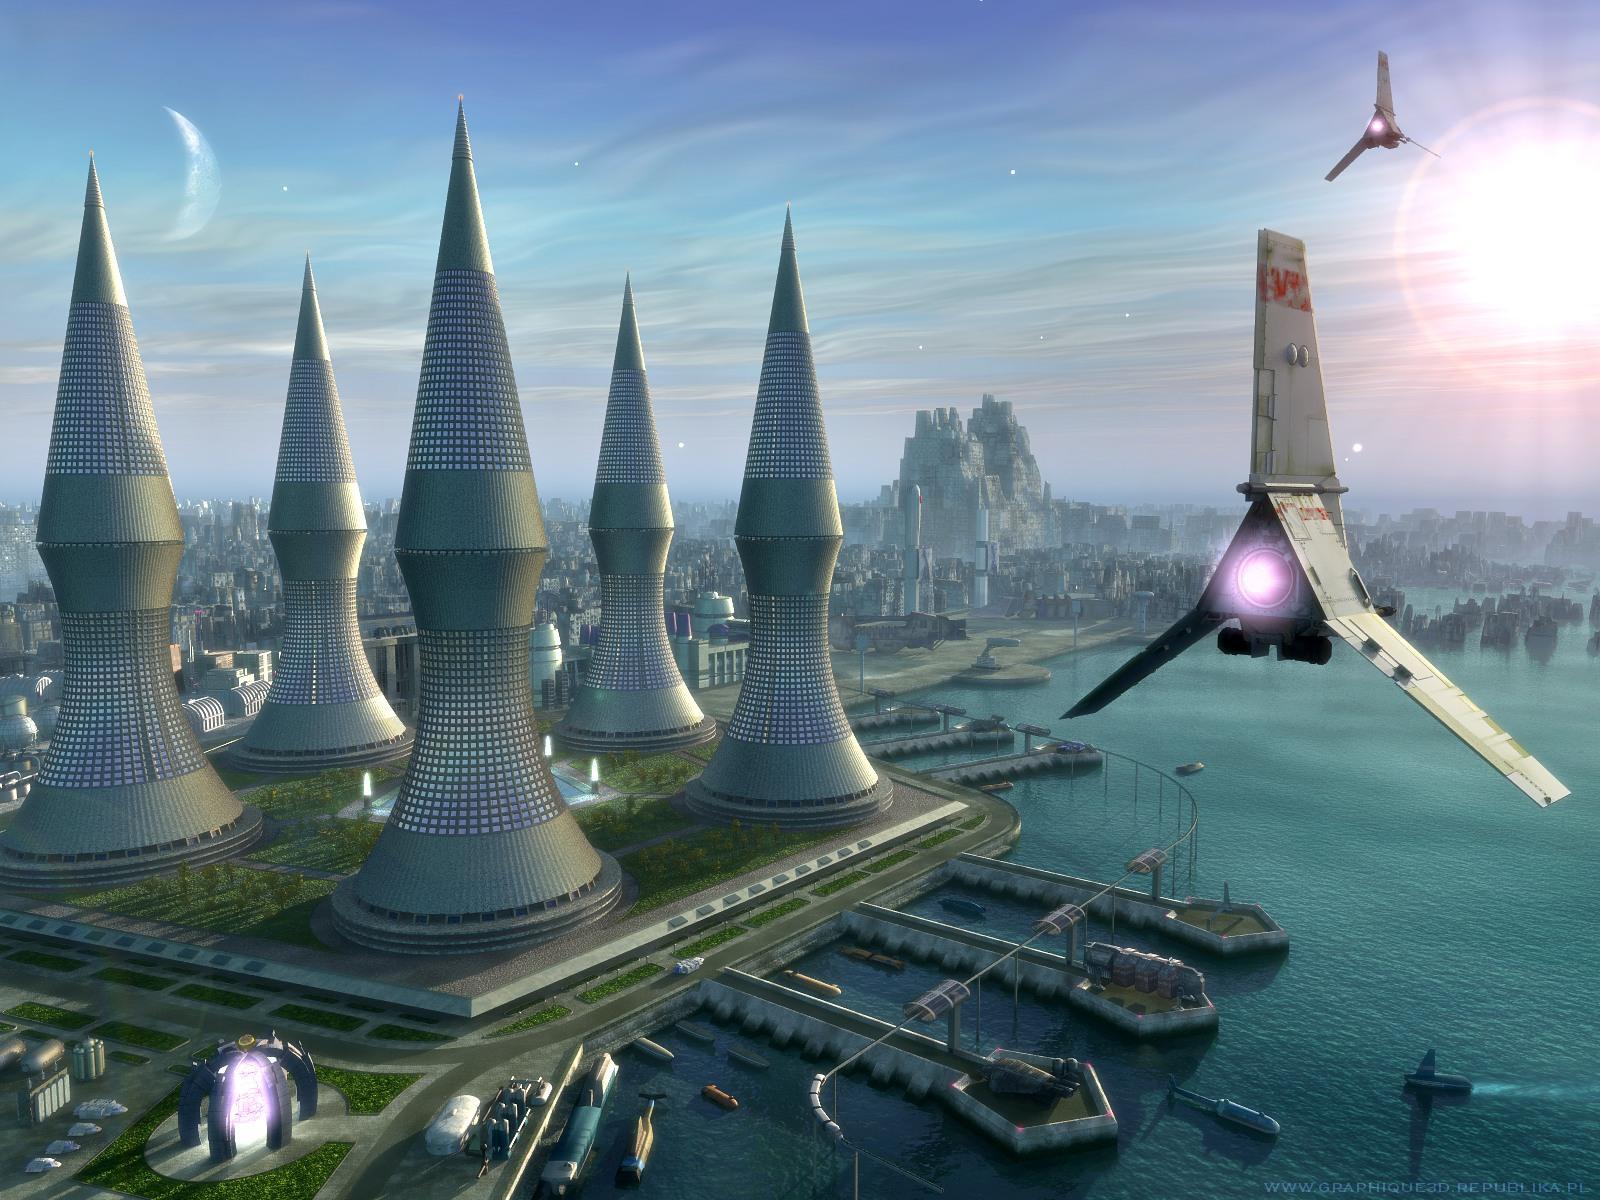 Quand la science-fiction devient réalité